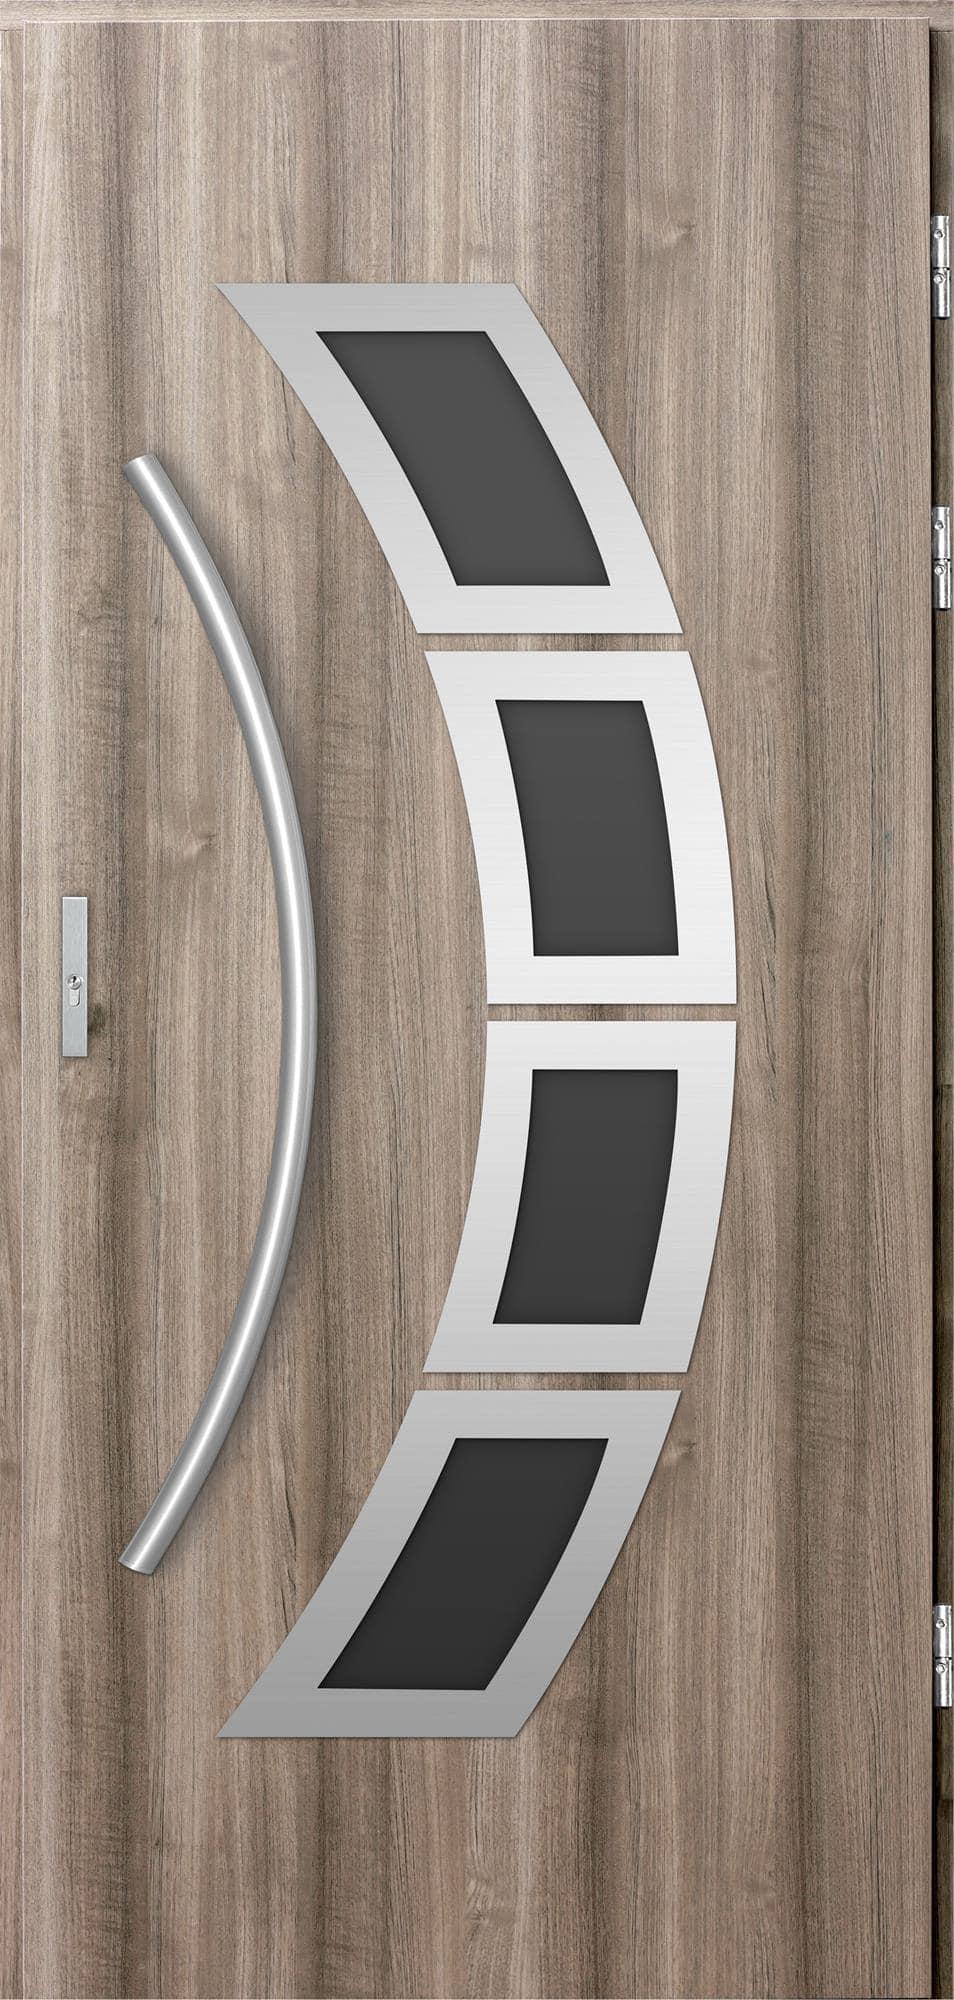 Venkovní vchodové dveøe Tanya, svìtlý dub